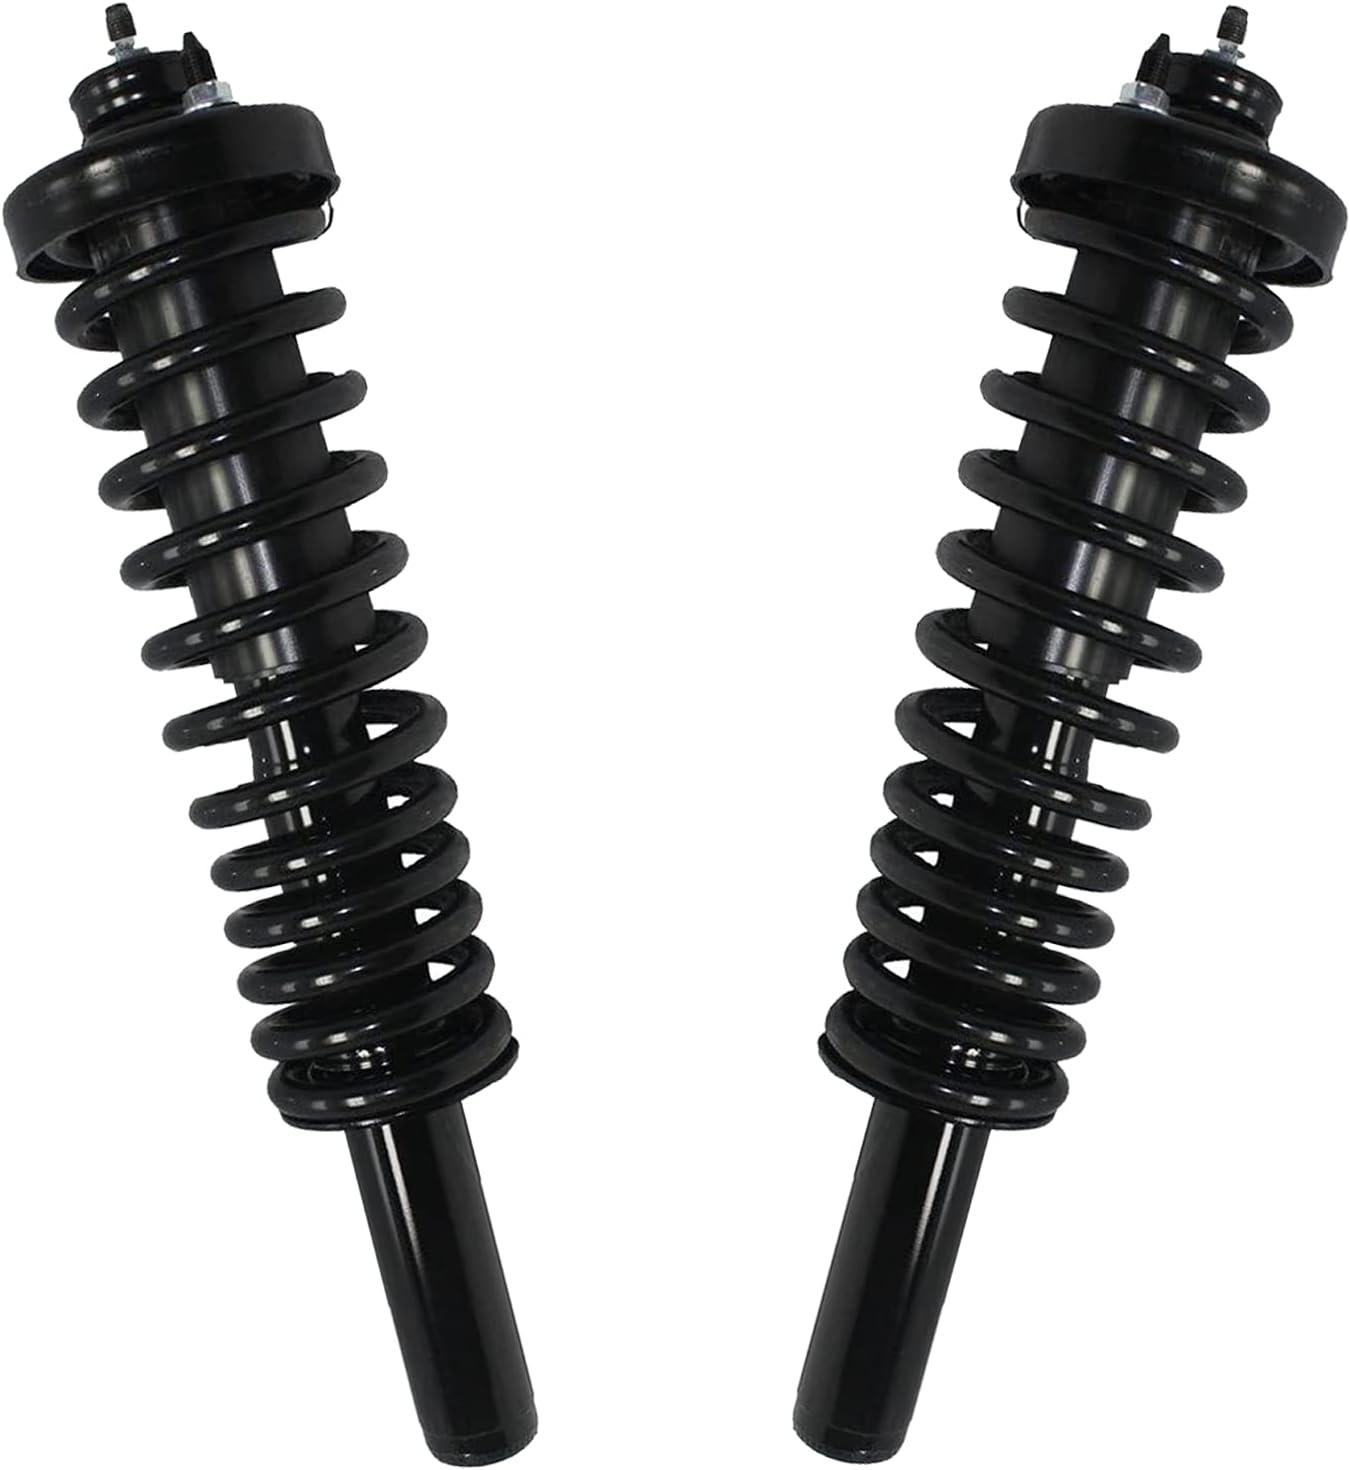 Detroit Axle - Front Strut  Coil Spring Assemblies Replacement